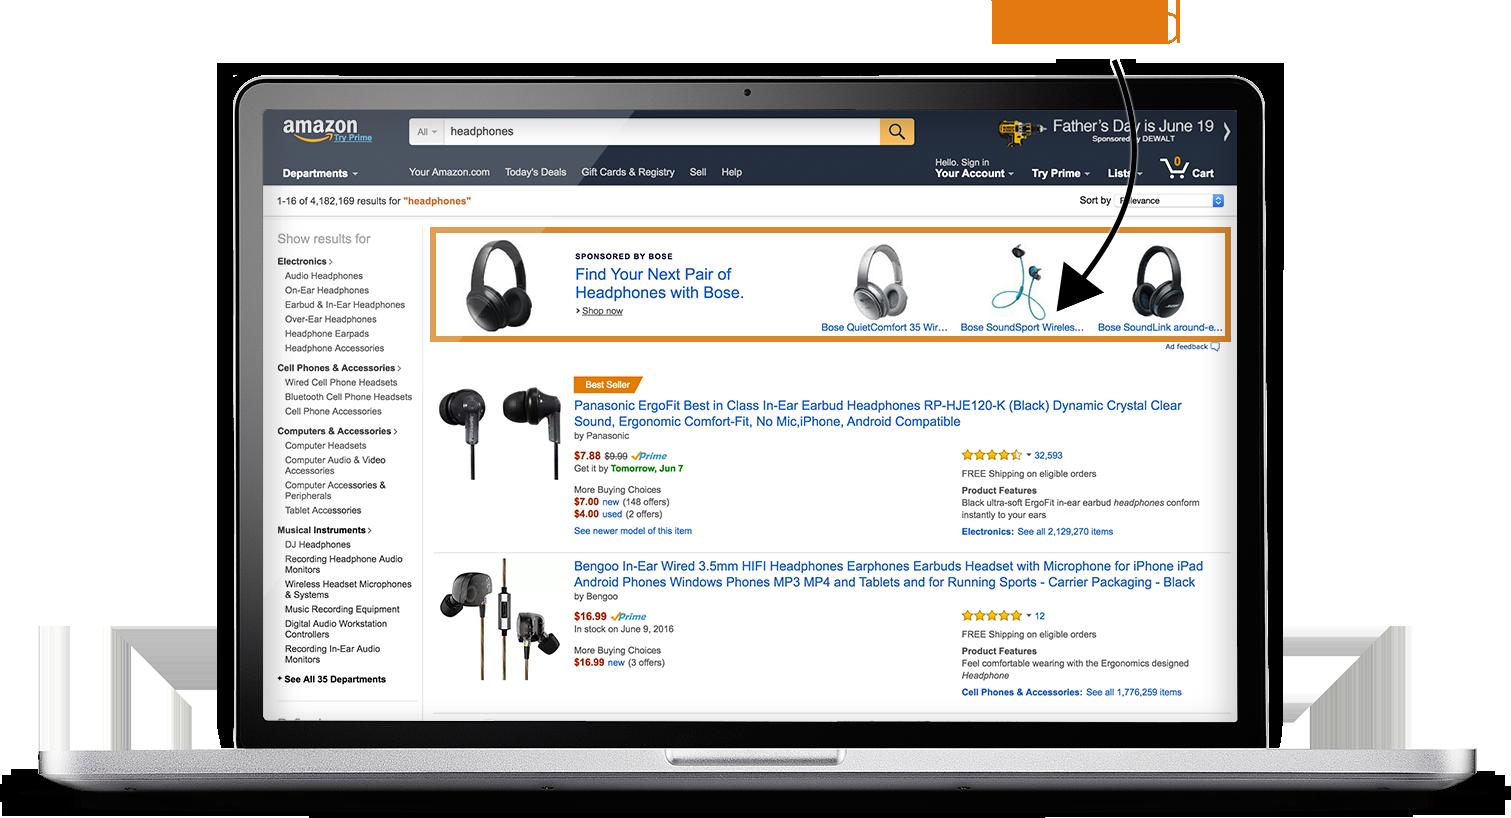 Un Anuncio de Búsqueda en títulos se encuentra entre los resultados de búsqueda más importantes de Amazon con los auriculares Bose